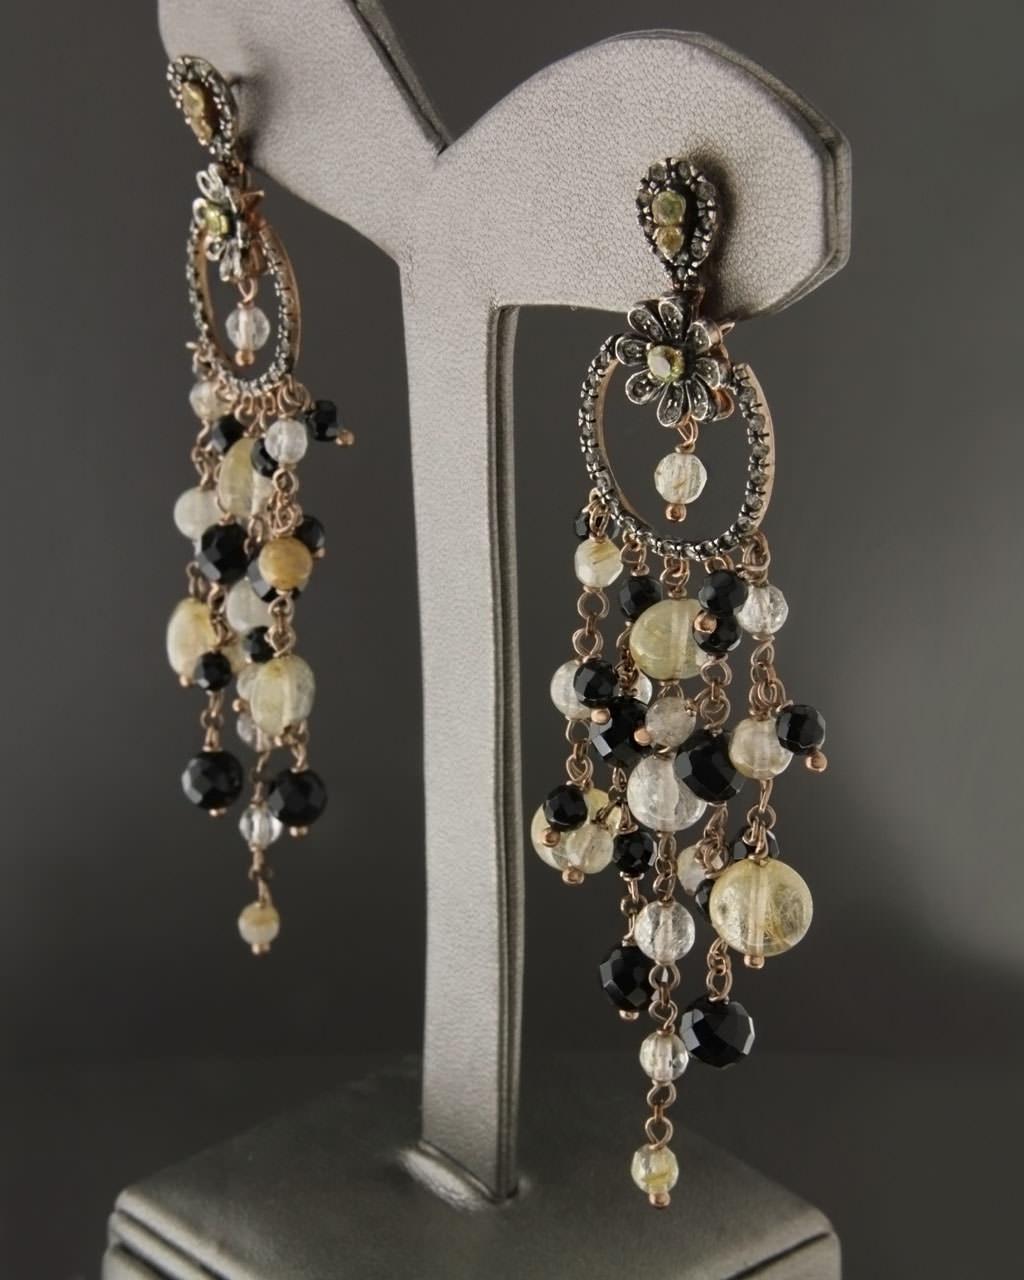 Σκουλαρίκια ασημένια με Τοπάζι & Όνυχα   γυναικα σκουλαρίκια σκουλαρίκια ασημένια